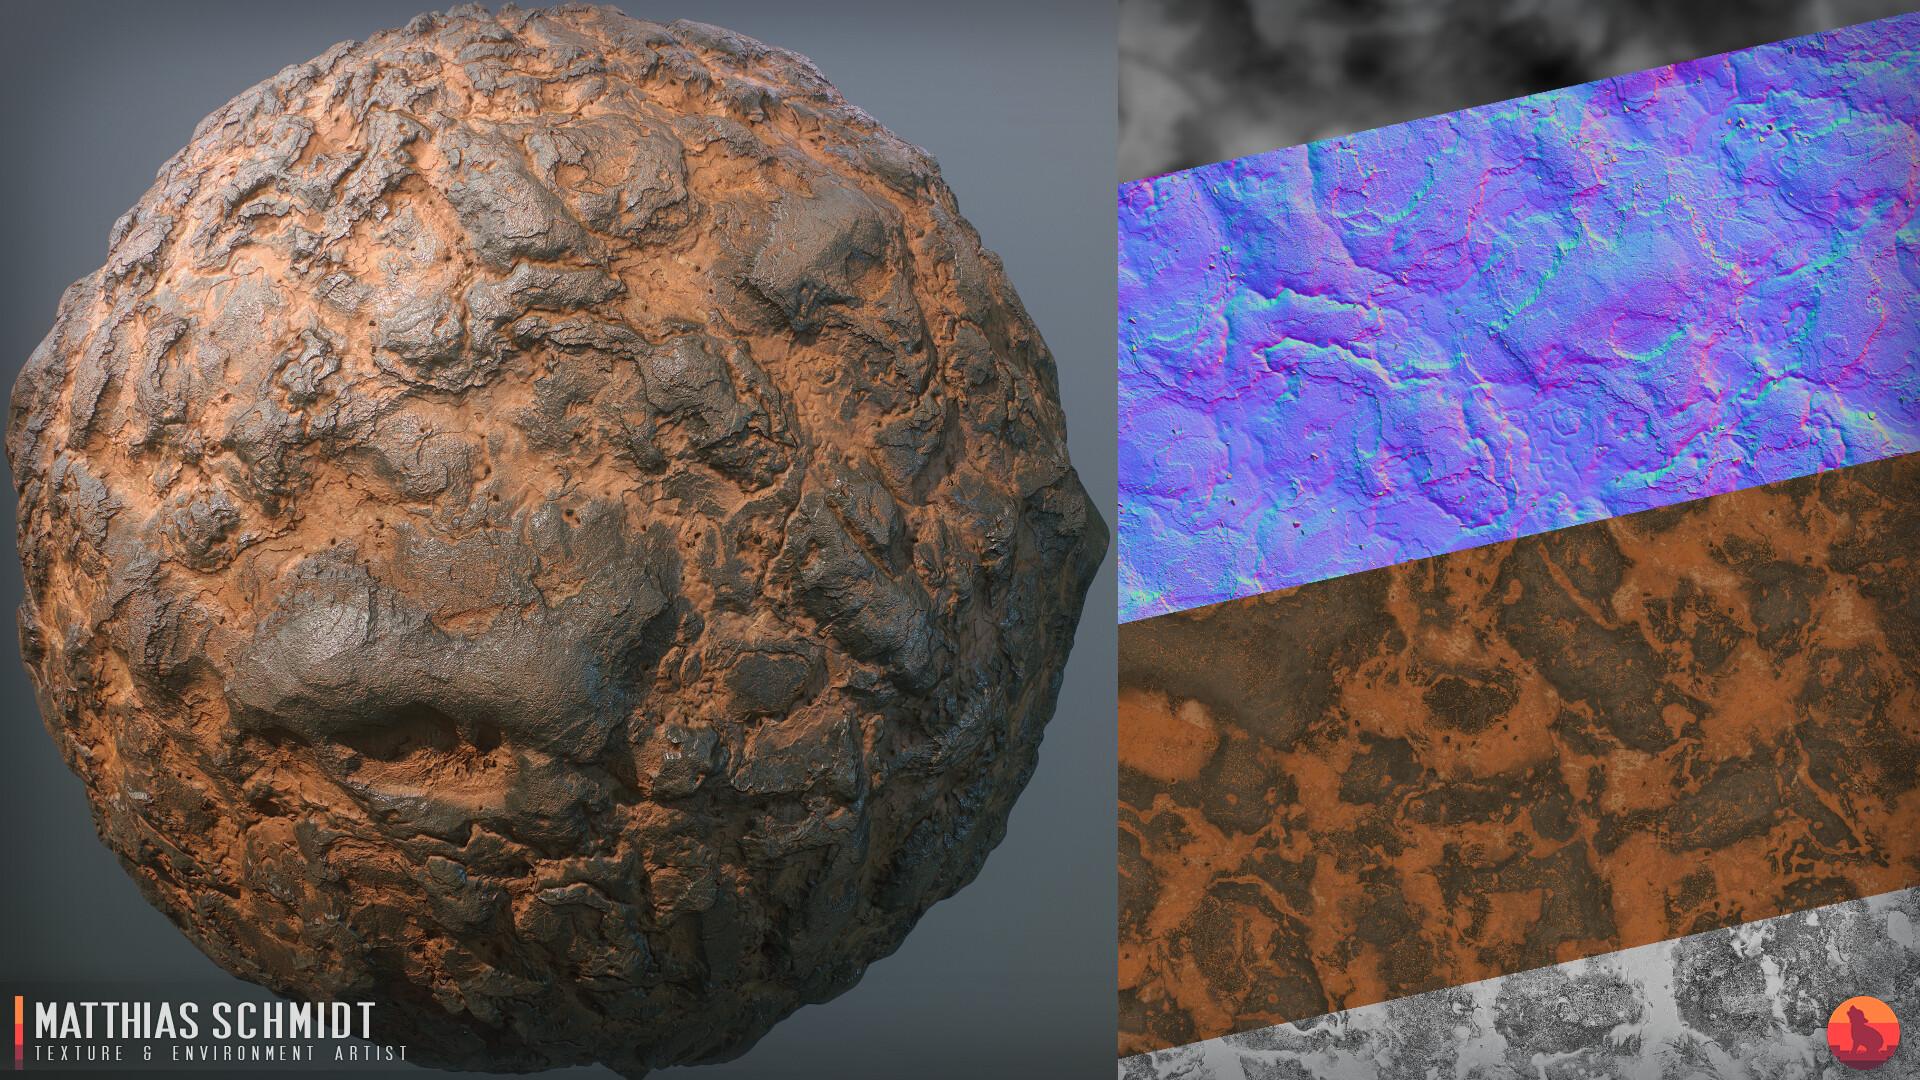 Matthias Schmidt - Alien Planet Layered Terrain Substances